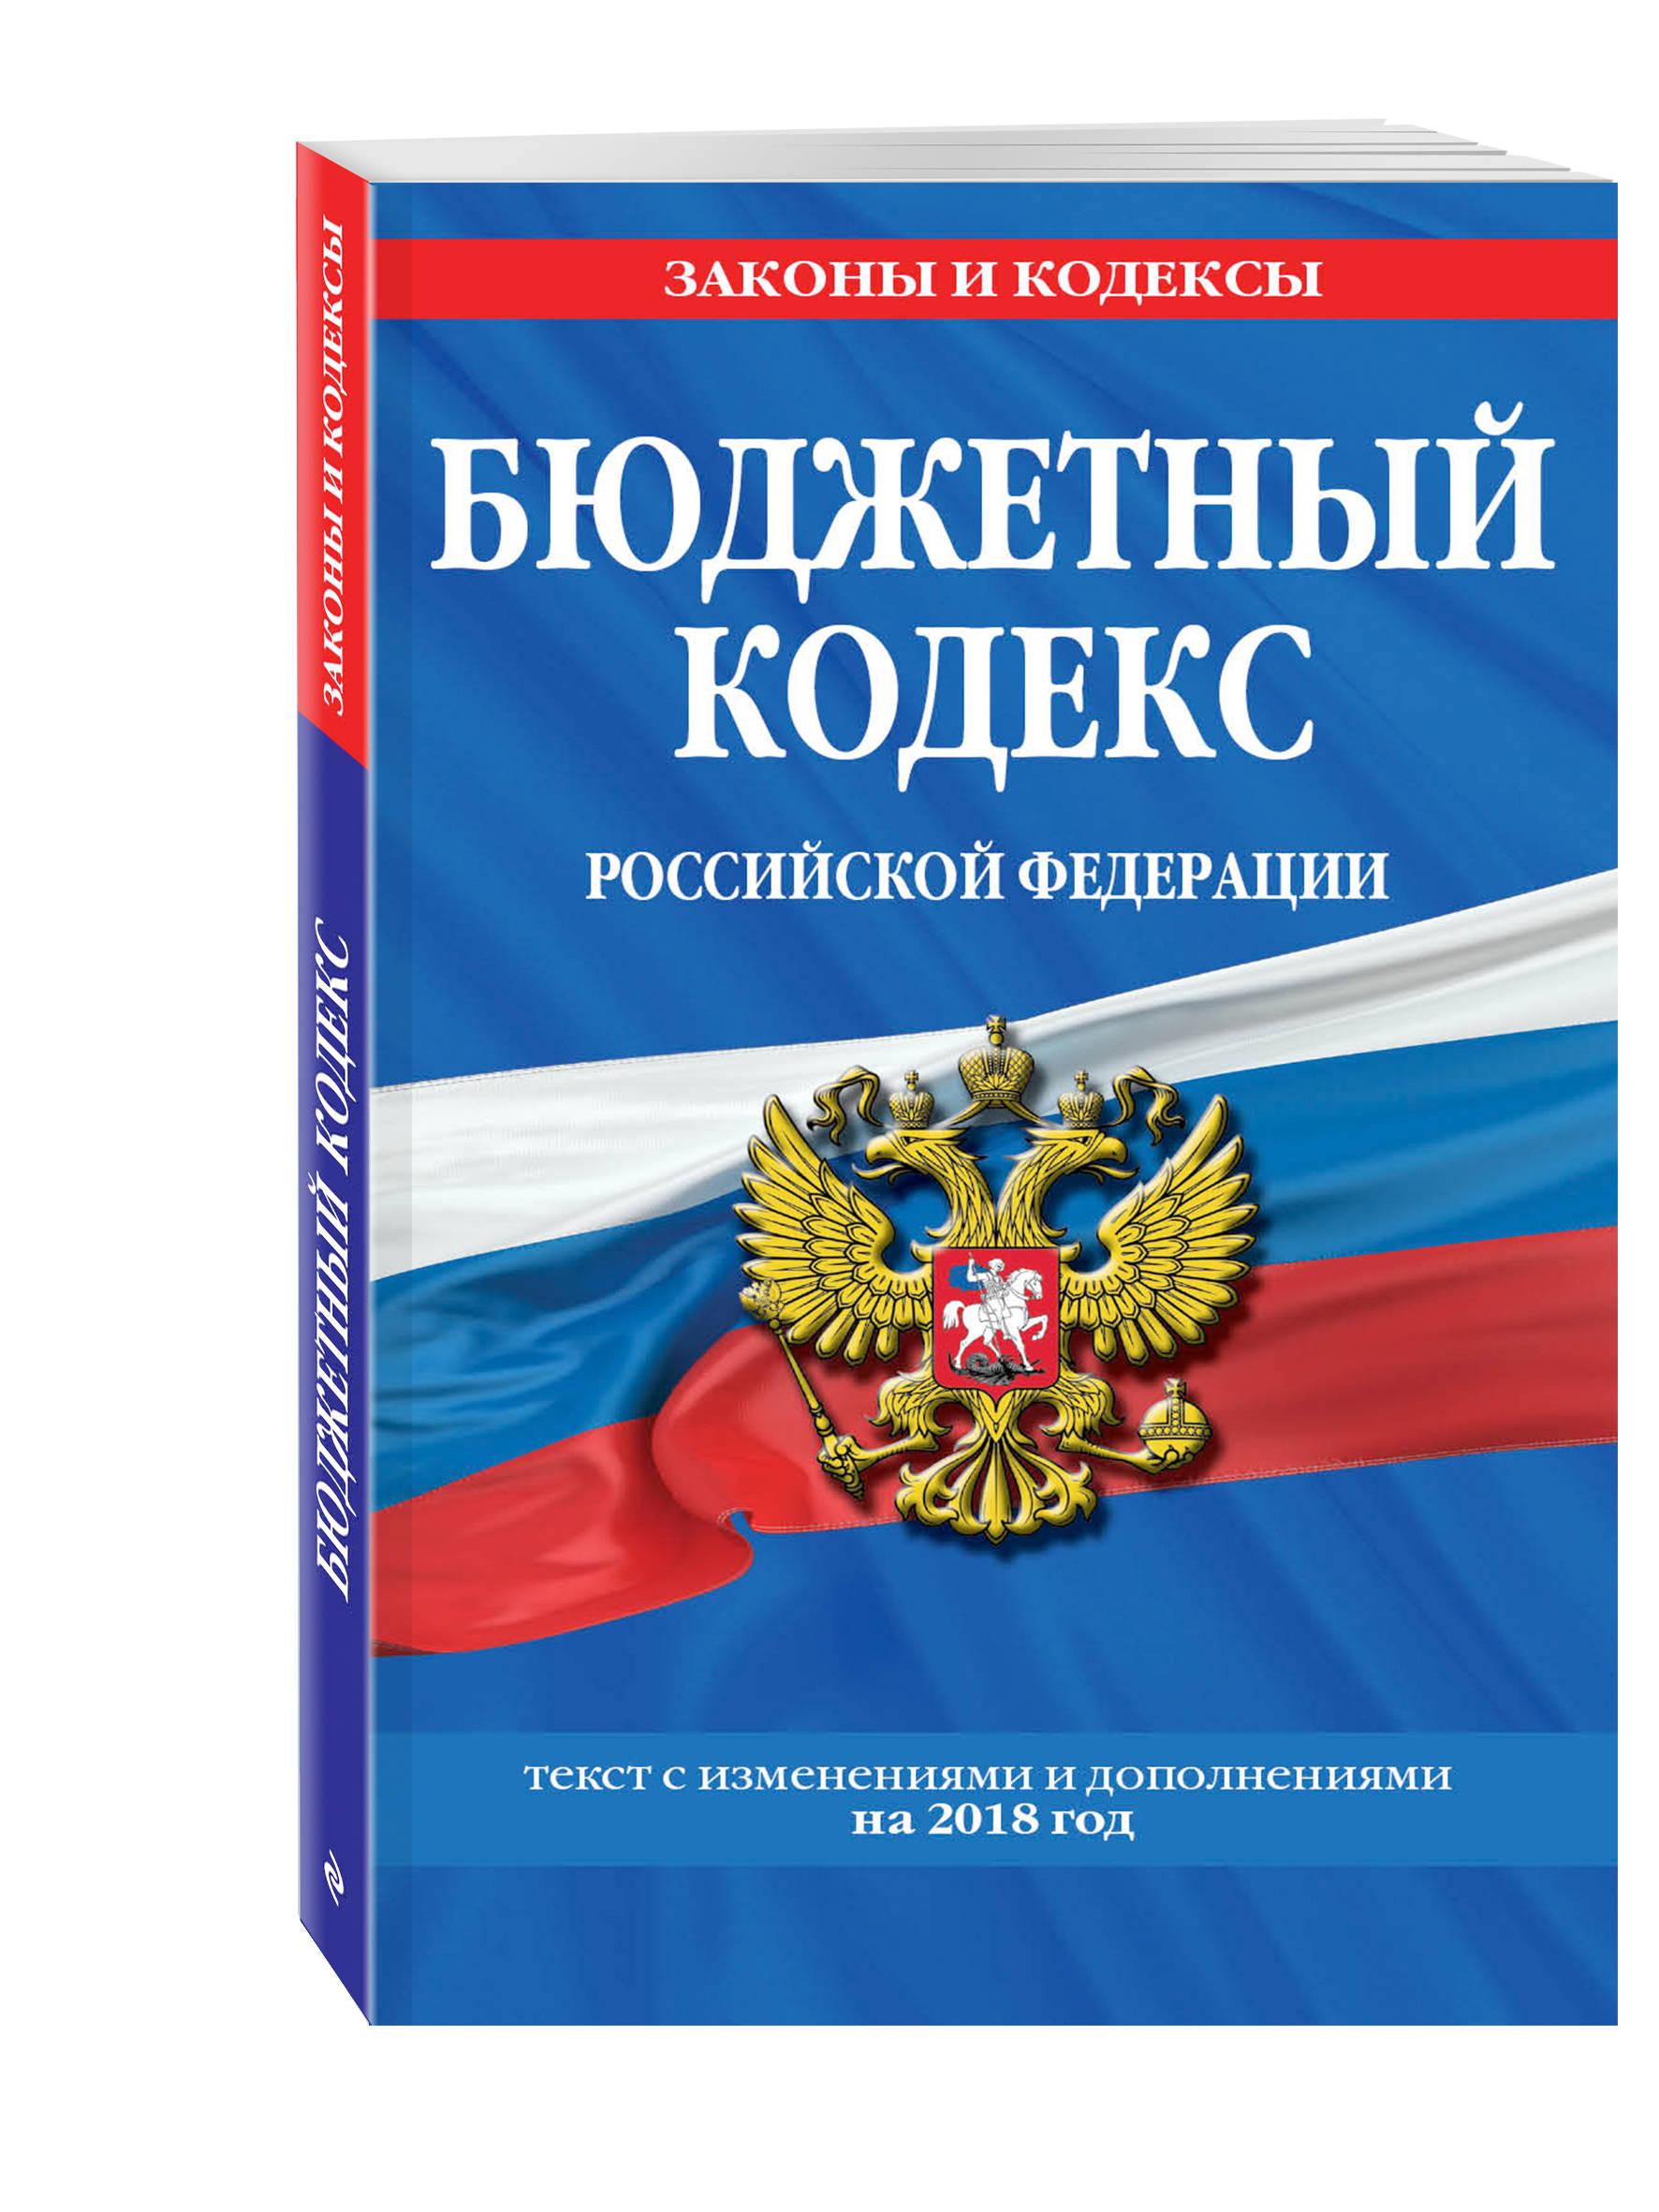 9785040921072 - Бюджетный кодекс Российской Федерации: текст с изменениями и дополнениями на 2018 г. - Книга